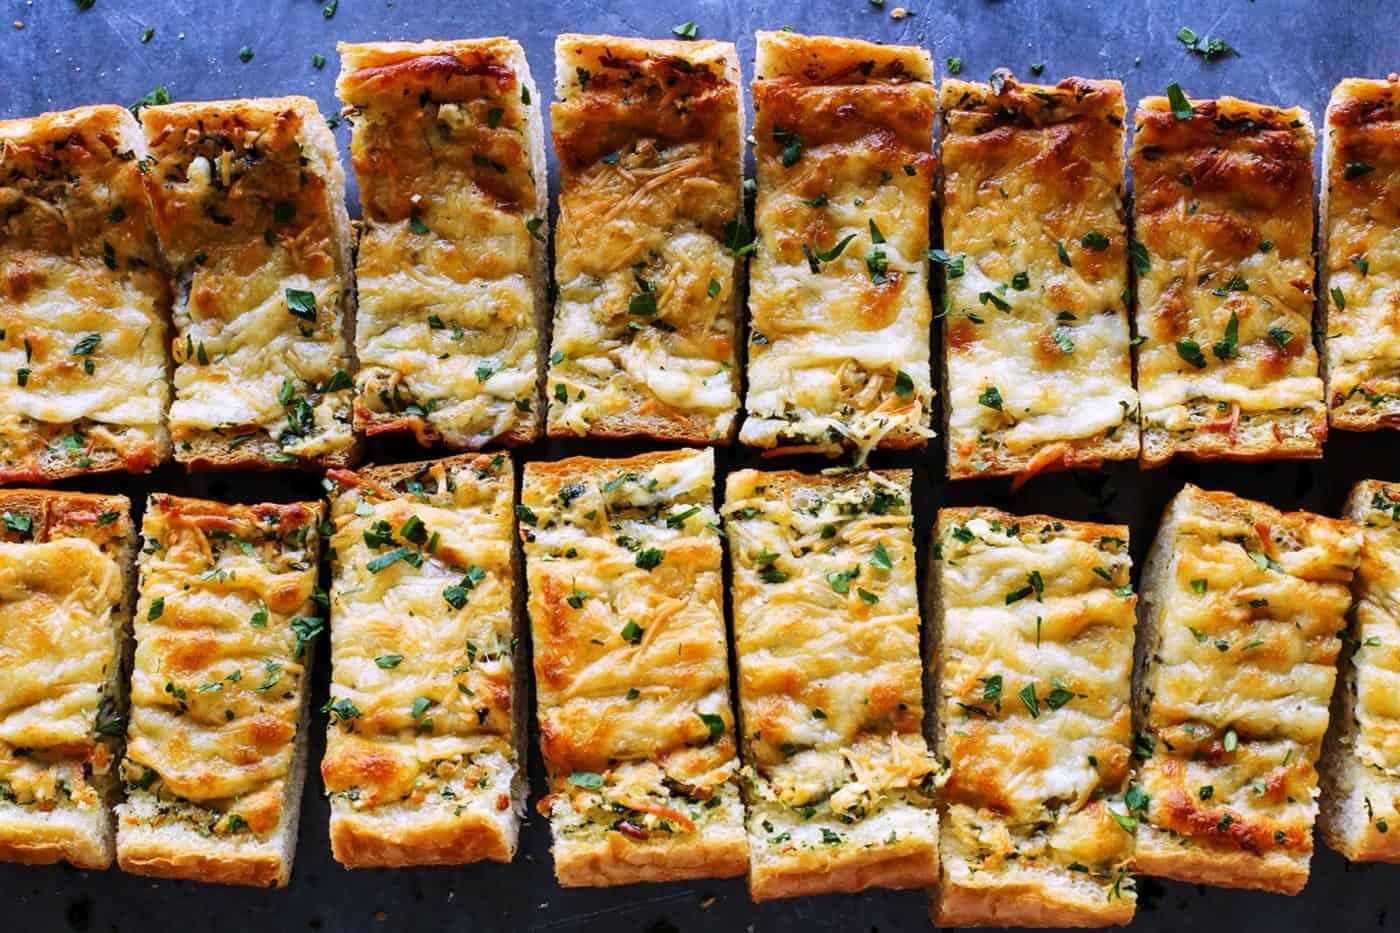 cheesy garlic bread cut into pieces